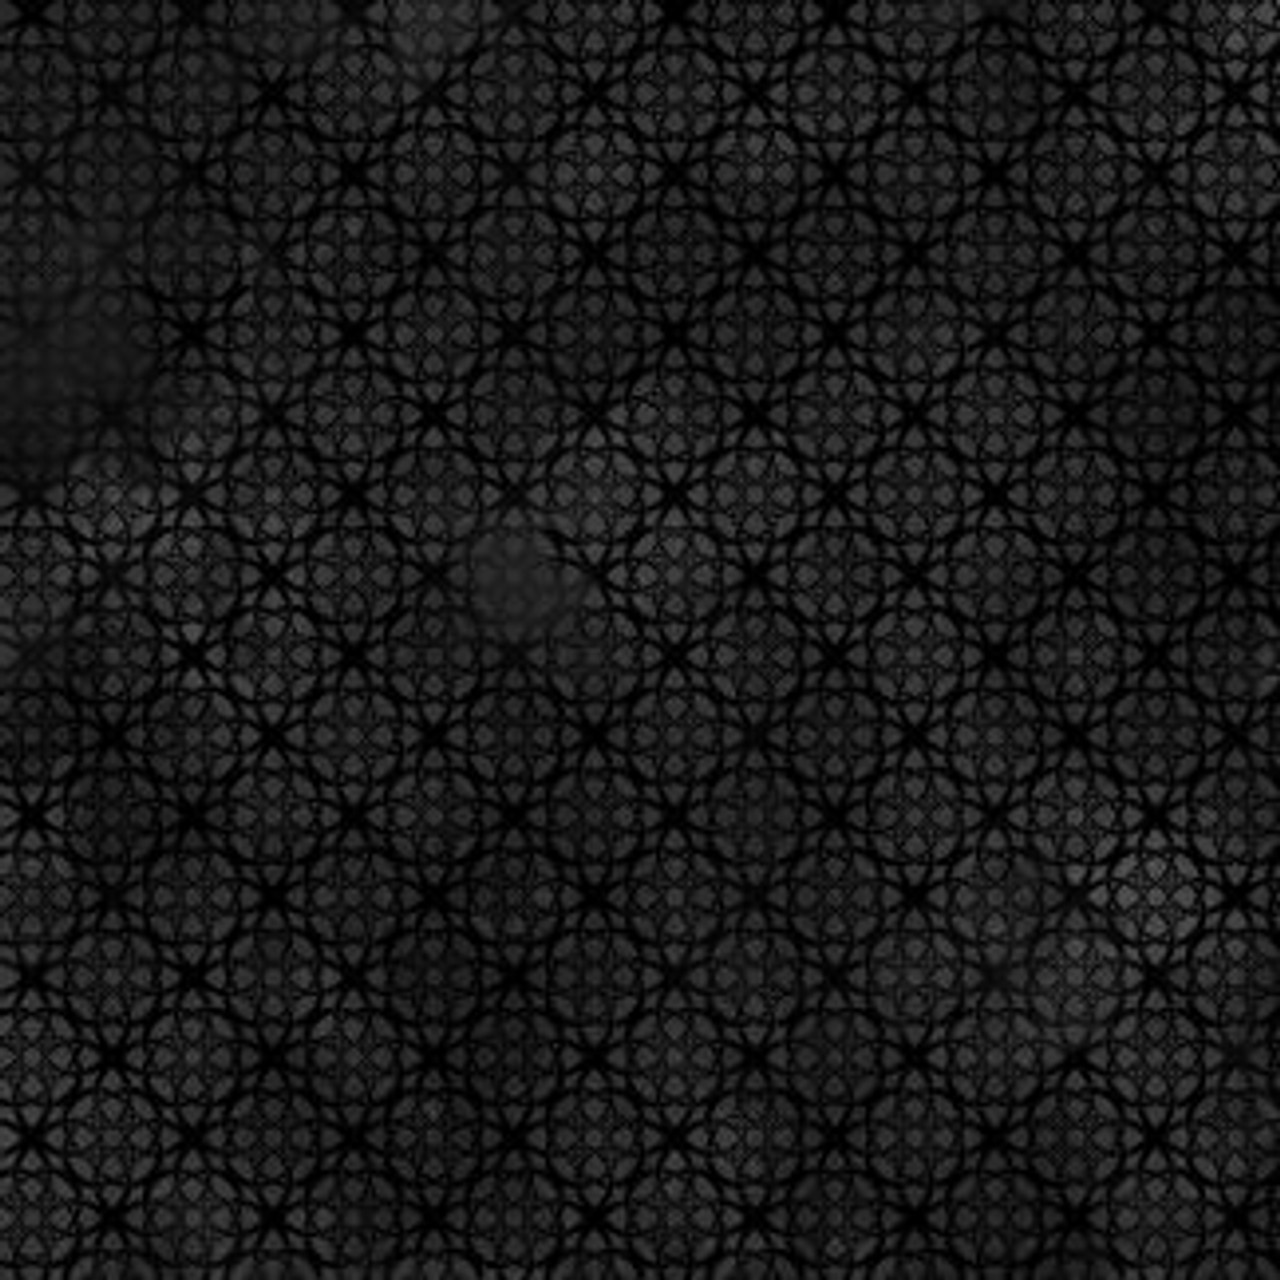 Australian Garden Twist - Black Lace